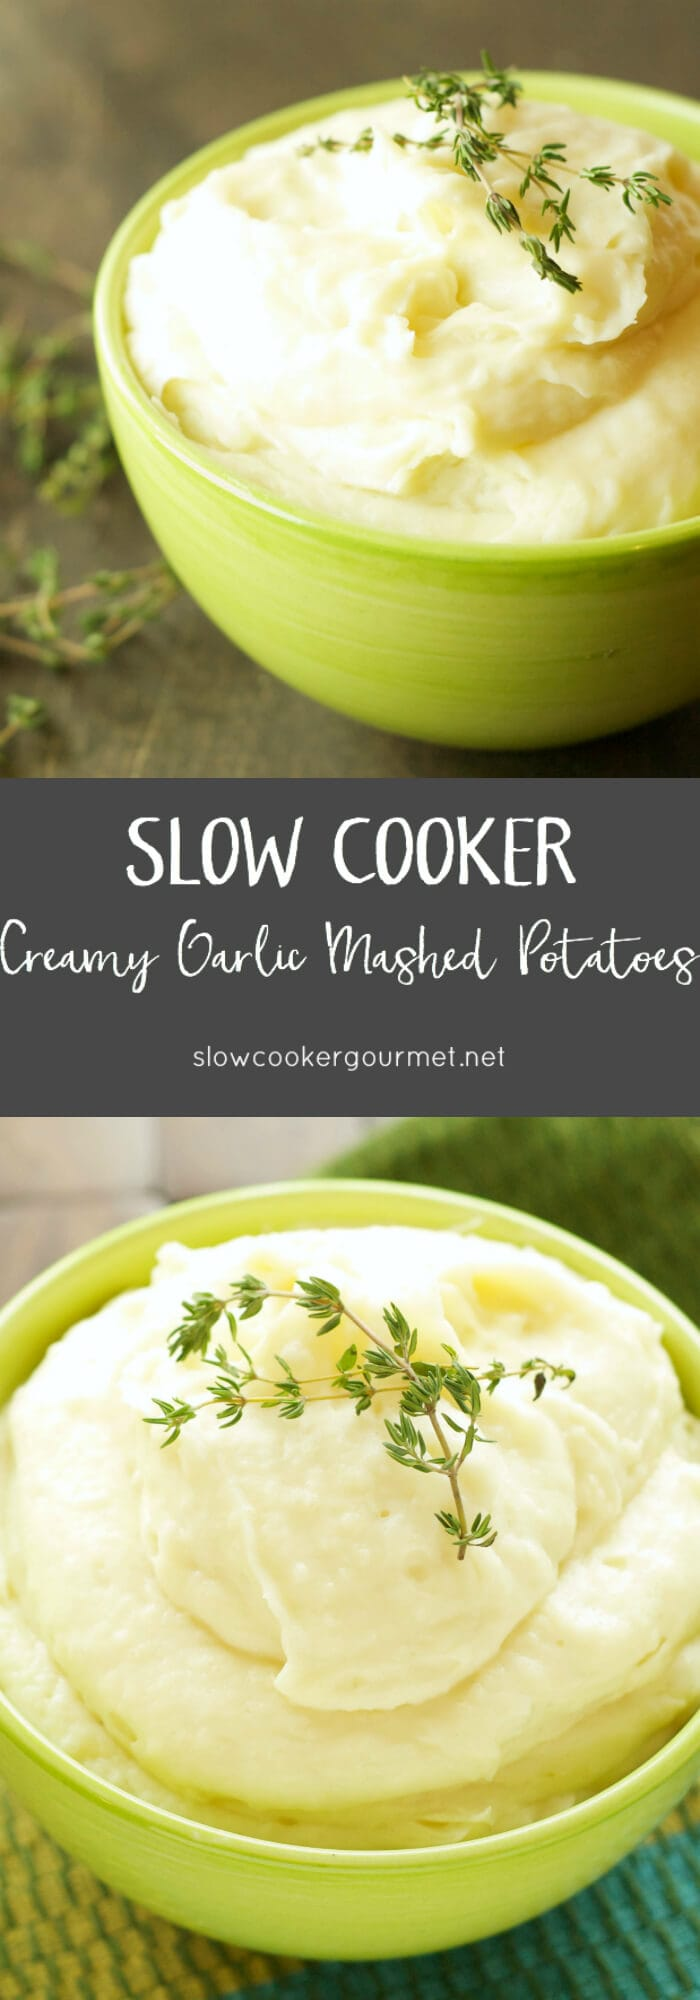 scg-creamy-garlic-mashed-potatoes-longpin